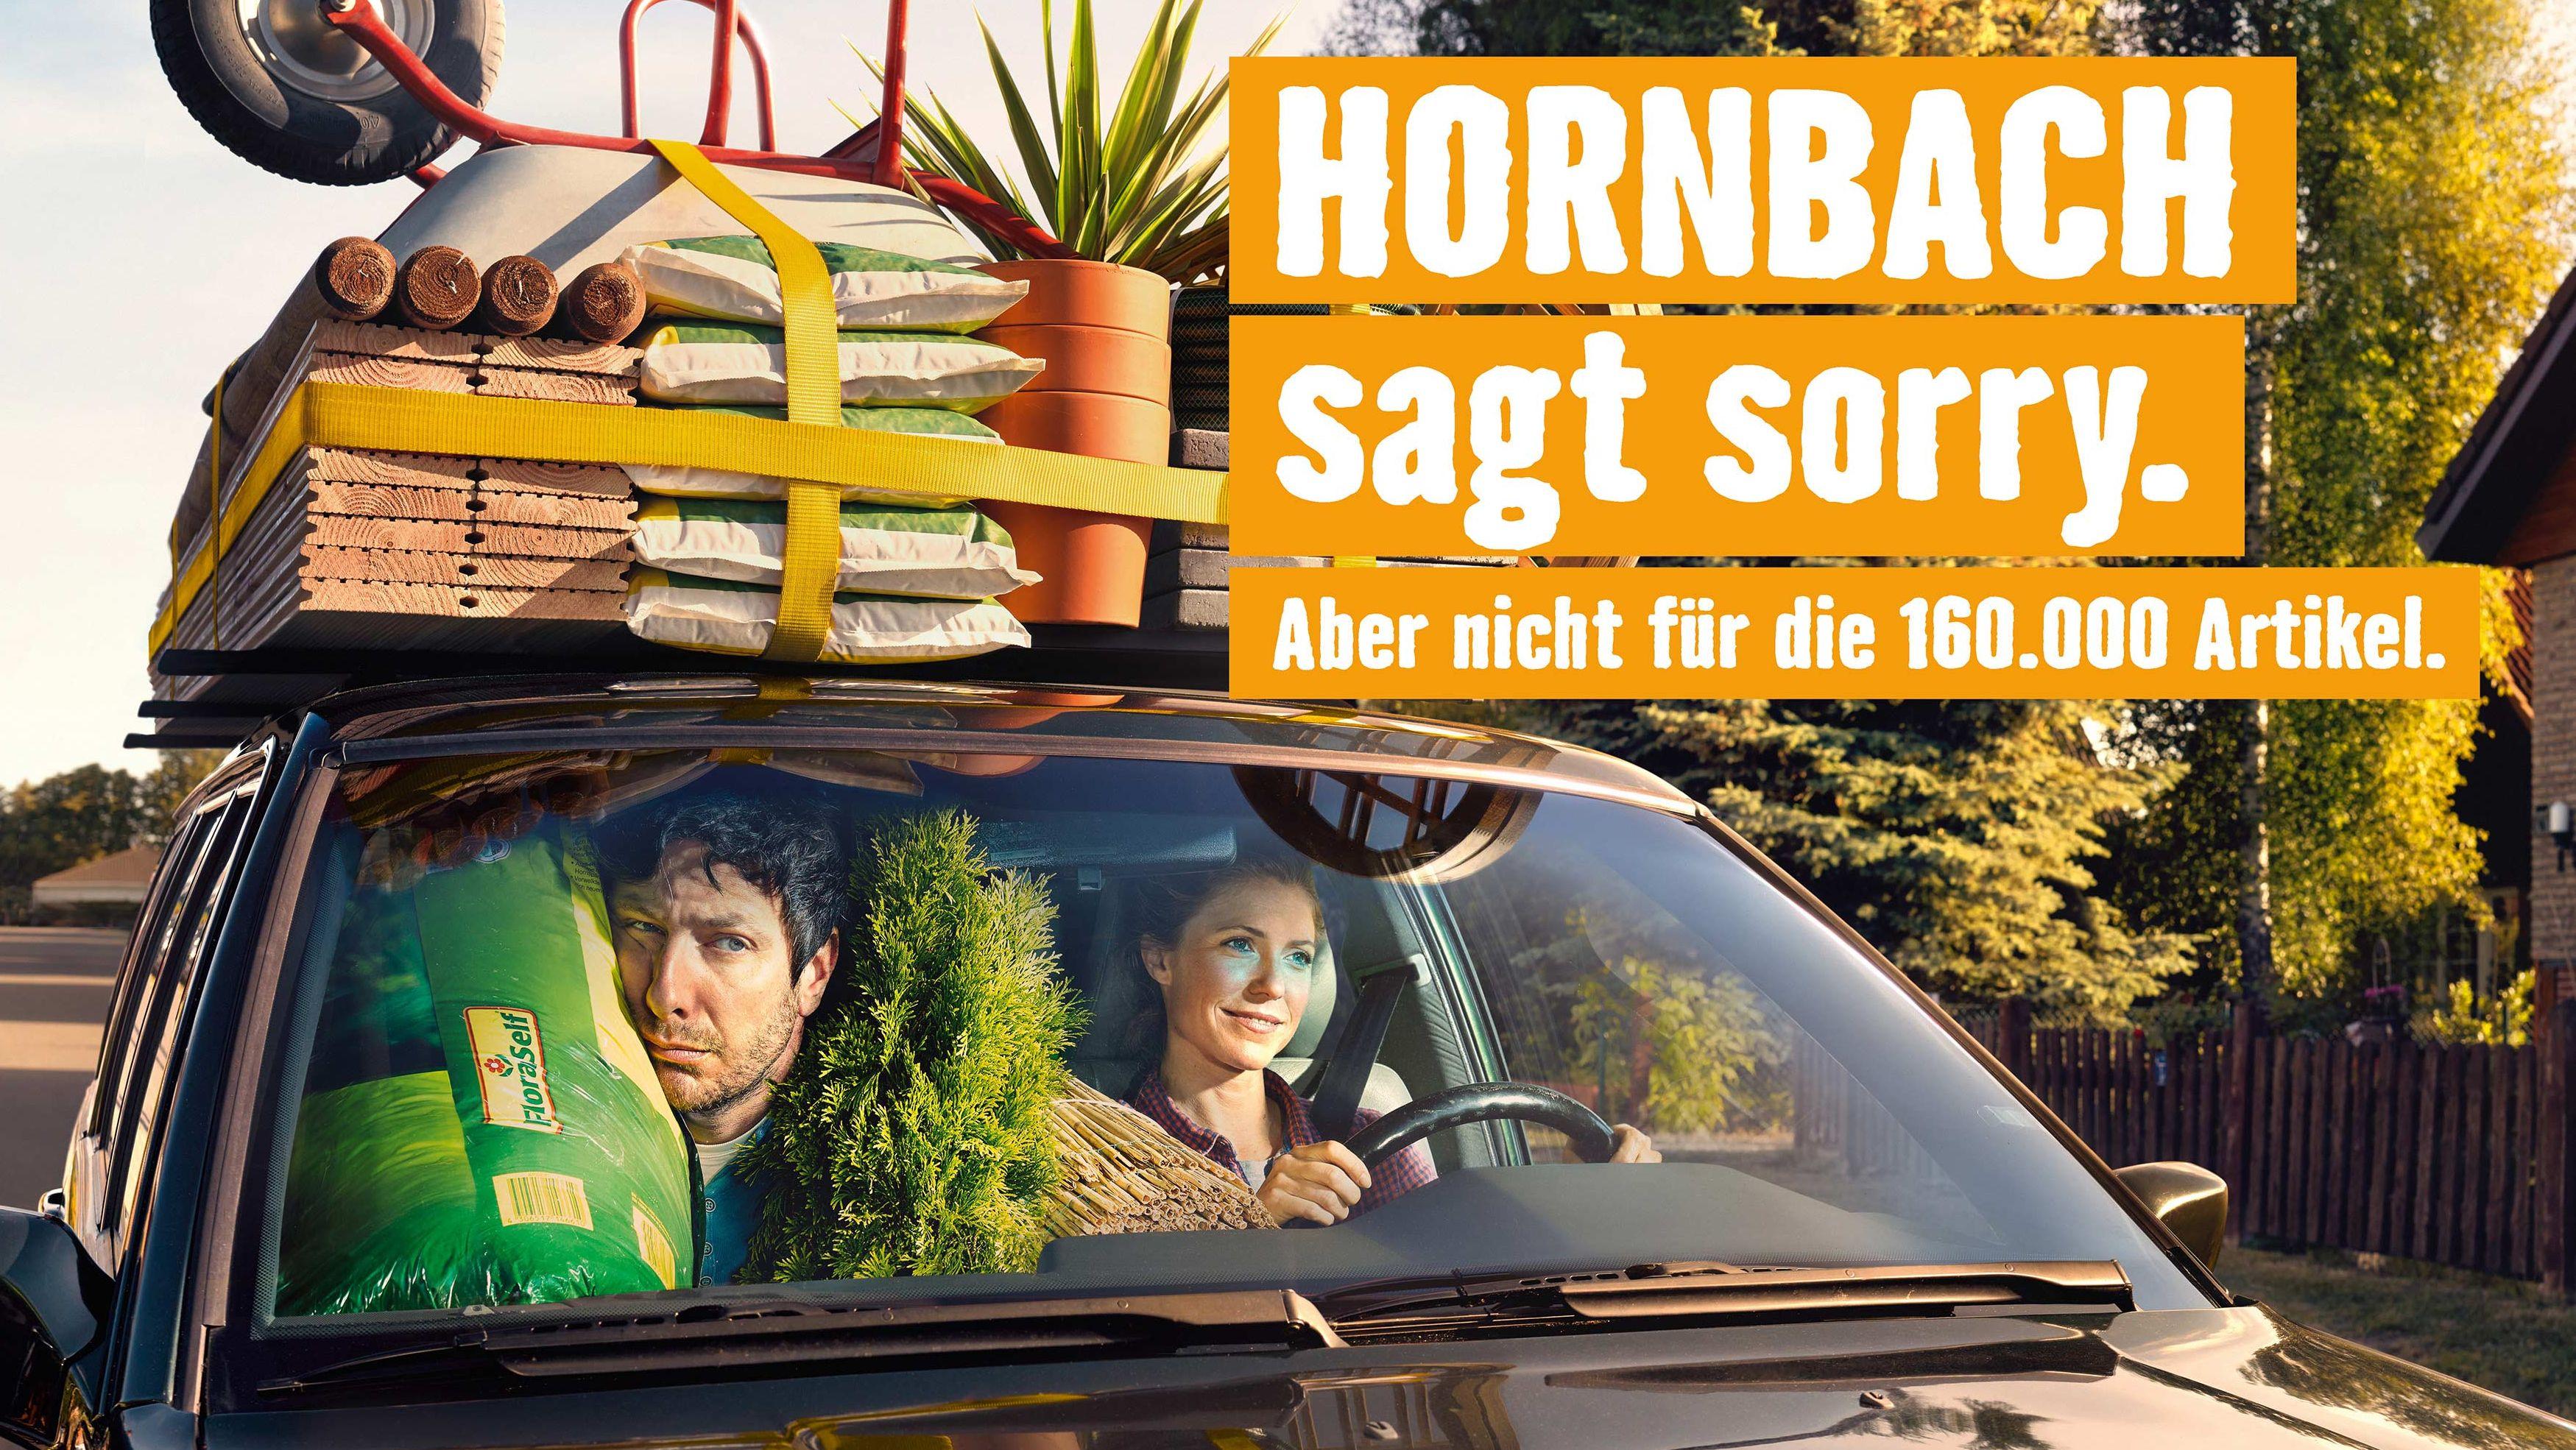 heimat hornbach sagt in seiner sommerkampagne sorry not sorry. Black Bedroom Furniture Sets. Home Design Ideas